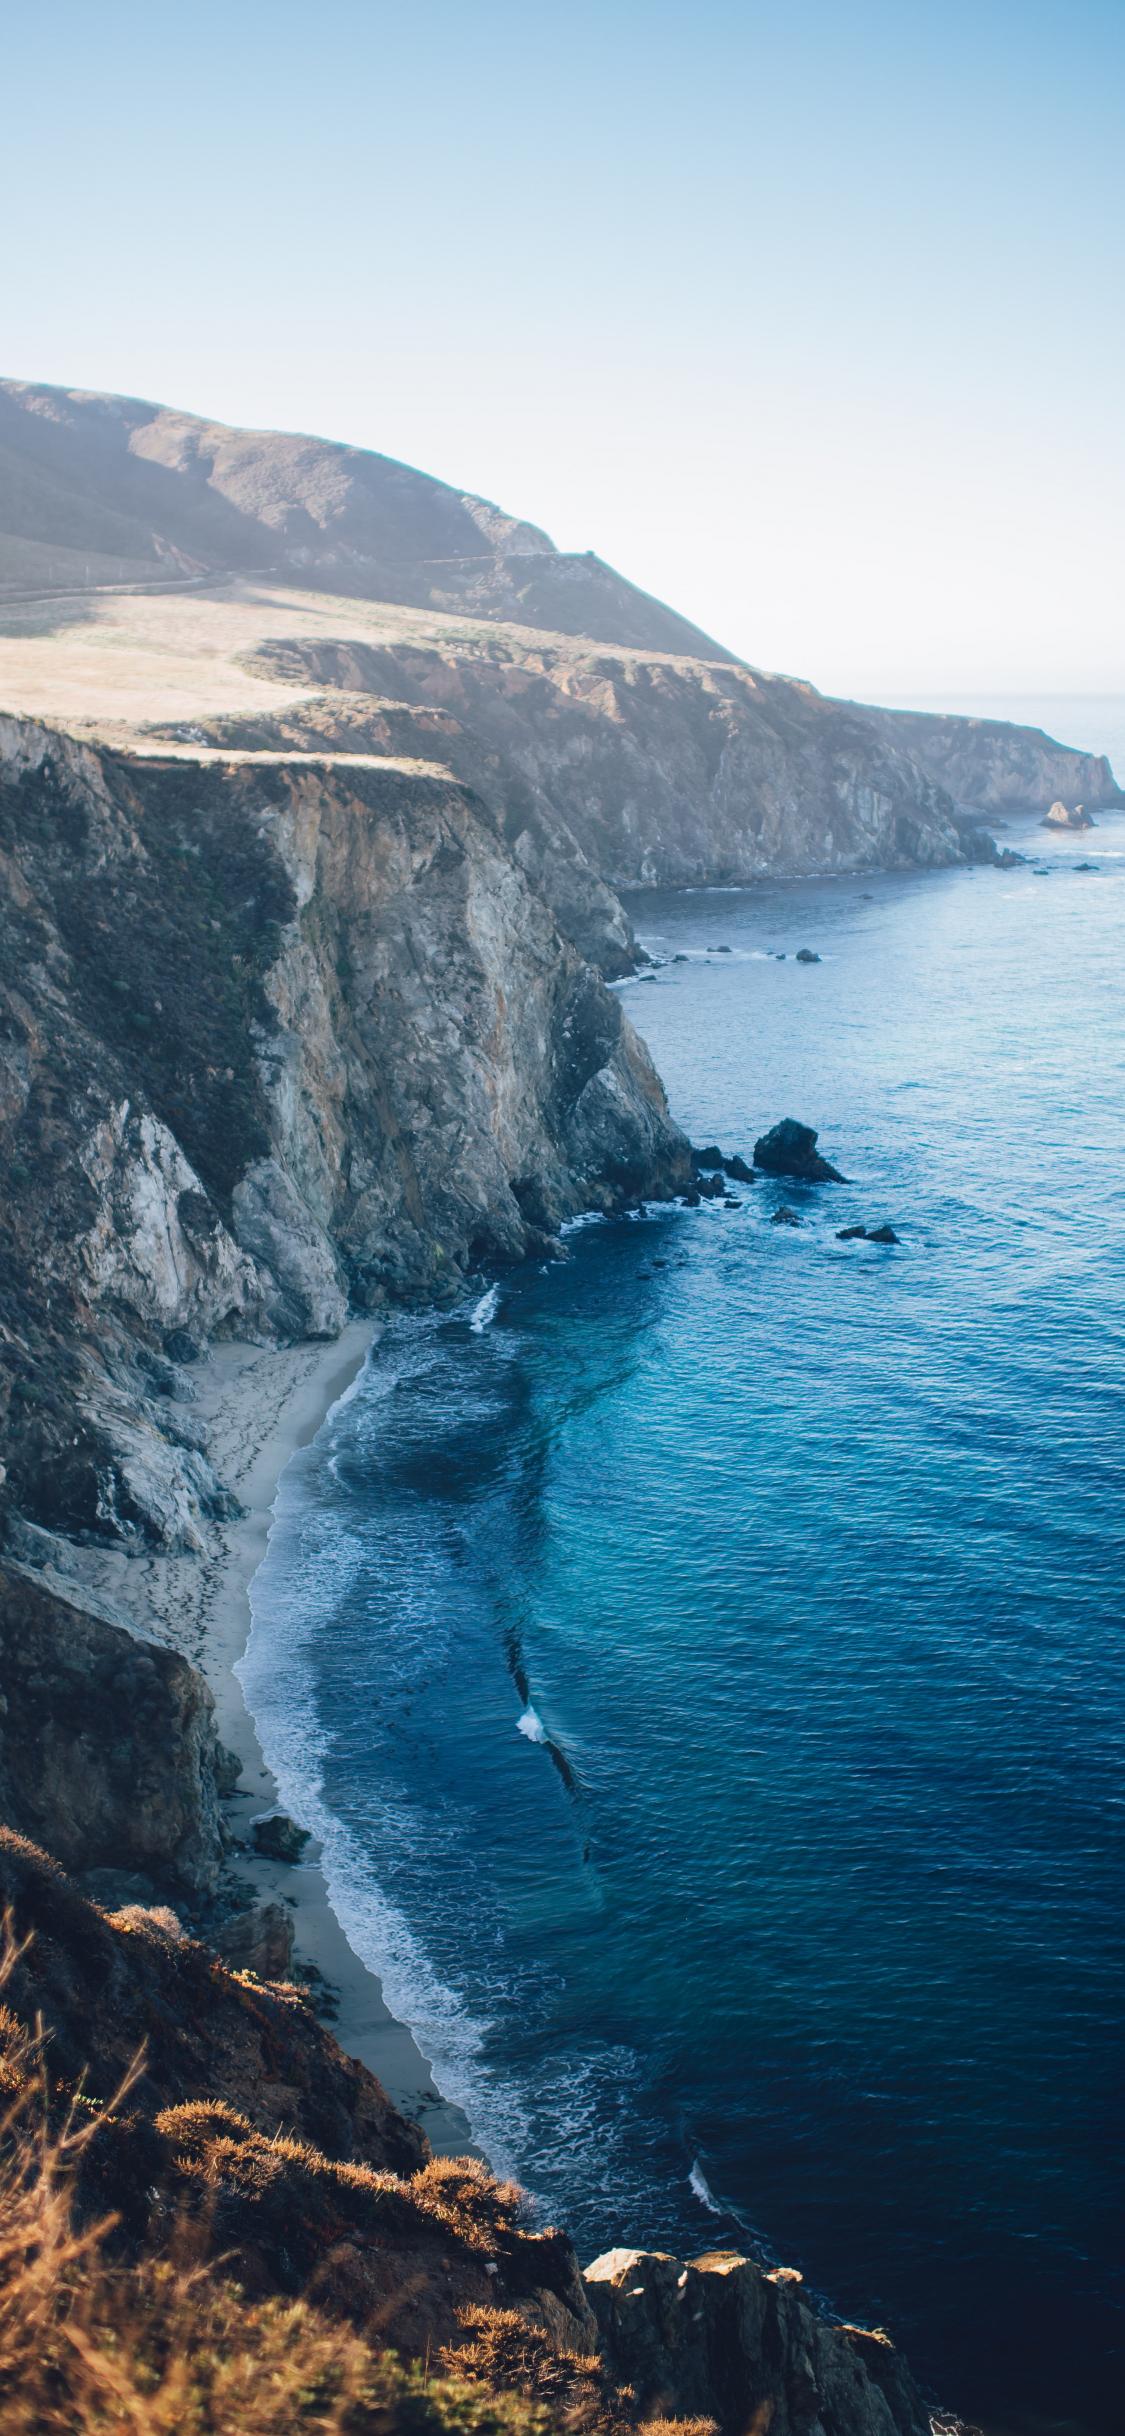 hình nền bờ biển iphone x